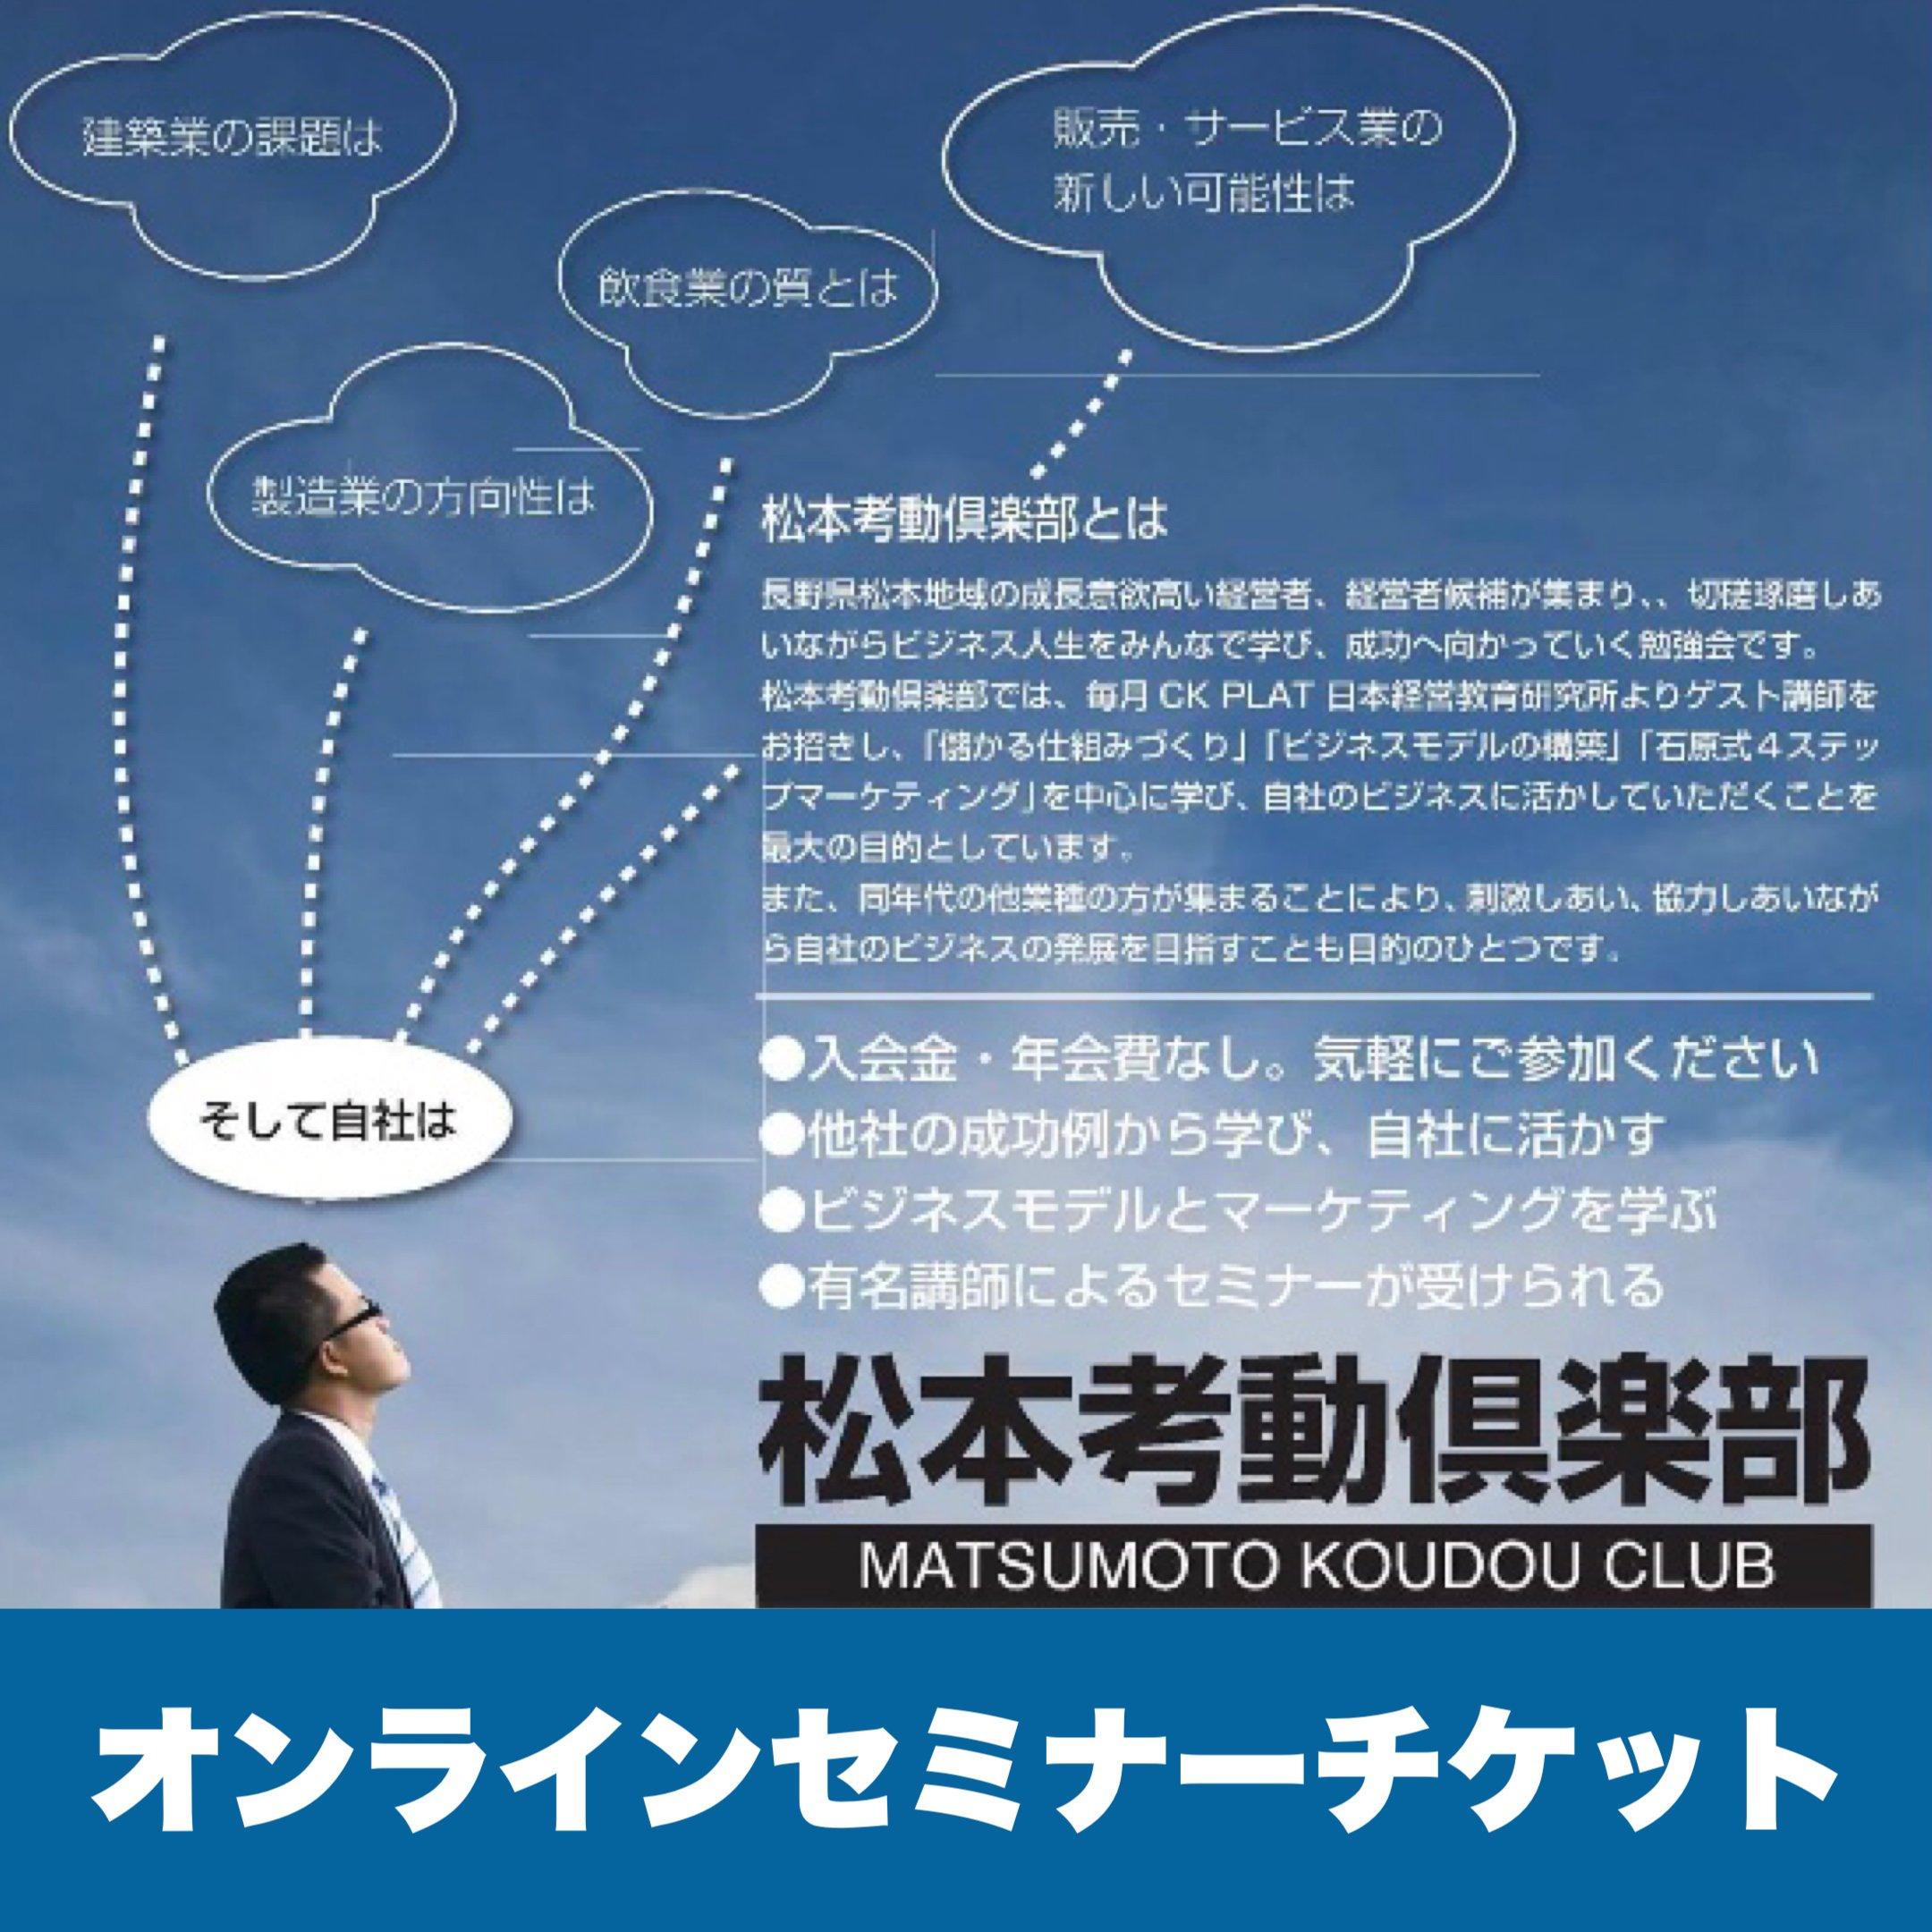 松本考動倶楽部オンラインセミナーチケットのイメージその1